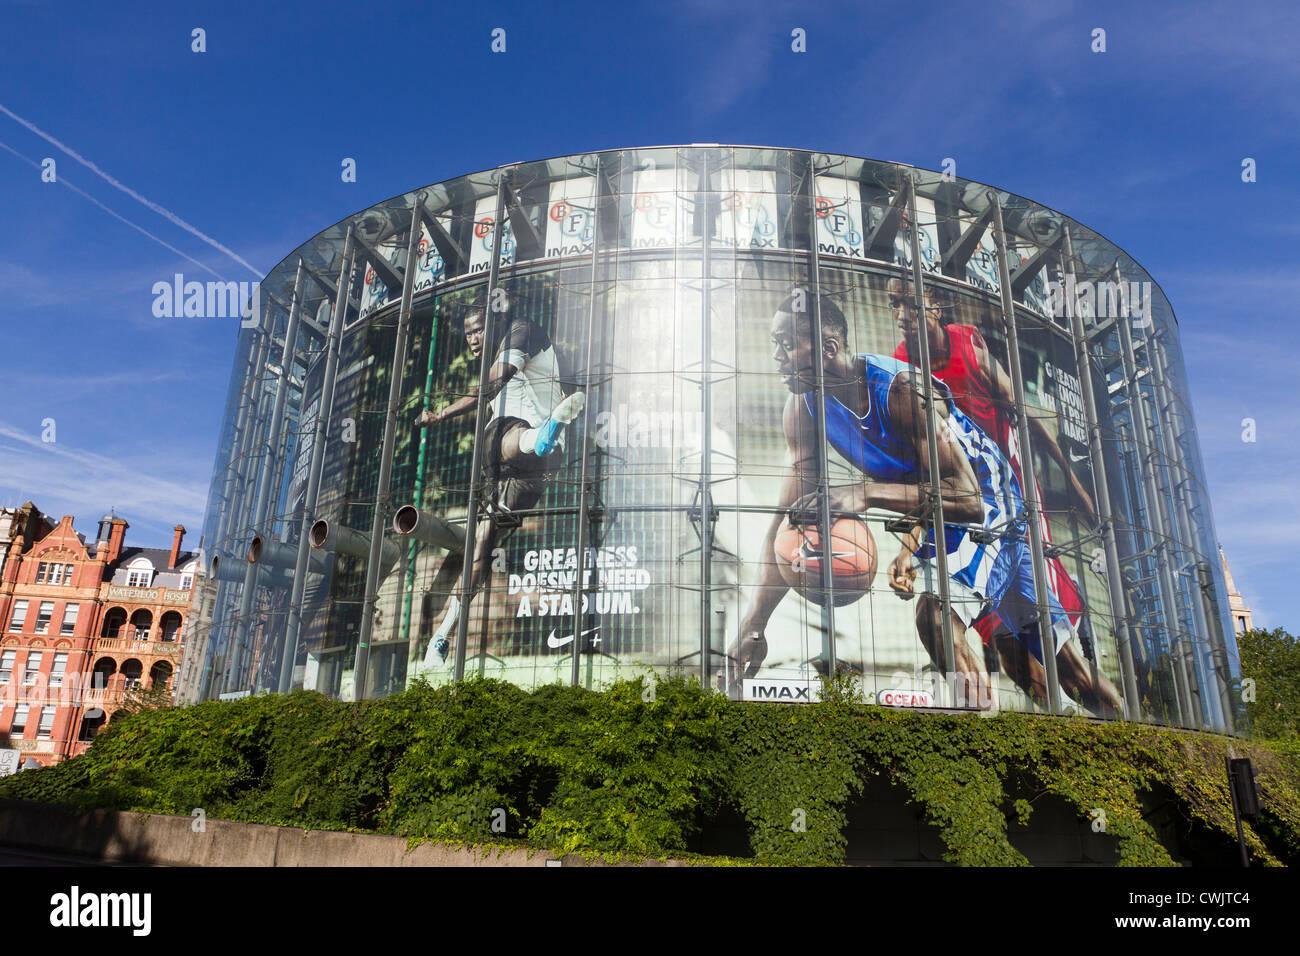 Das London BFI Imax Gebäude, London, England, UK Stockbild